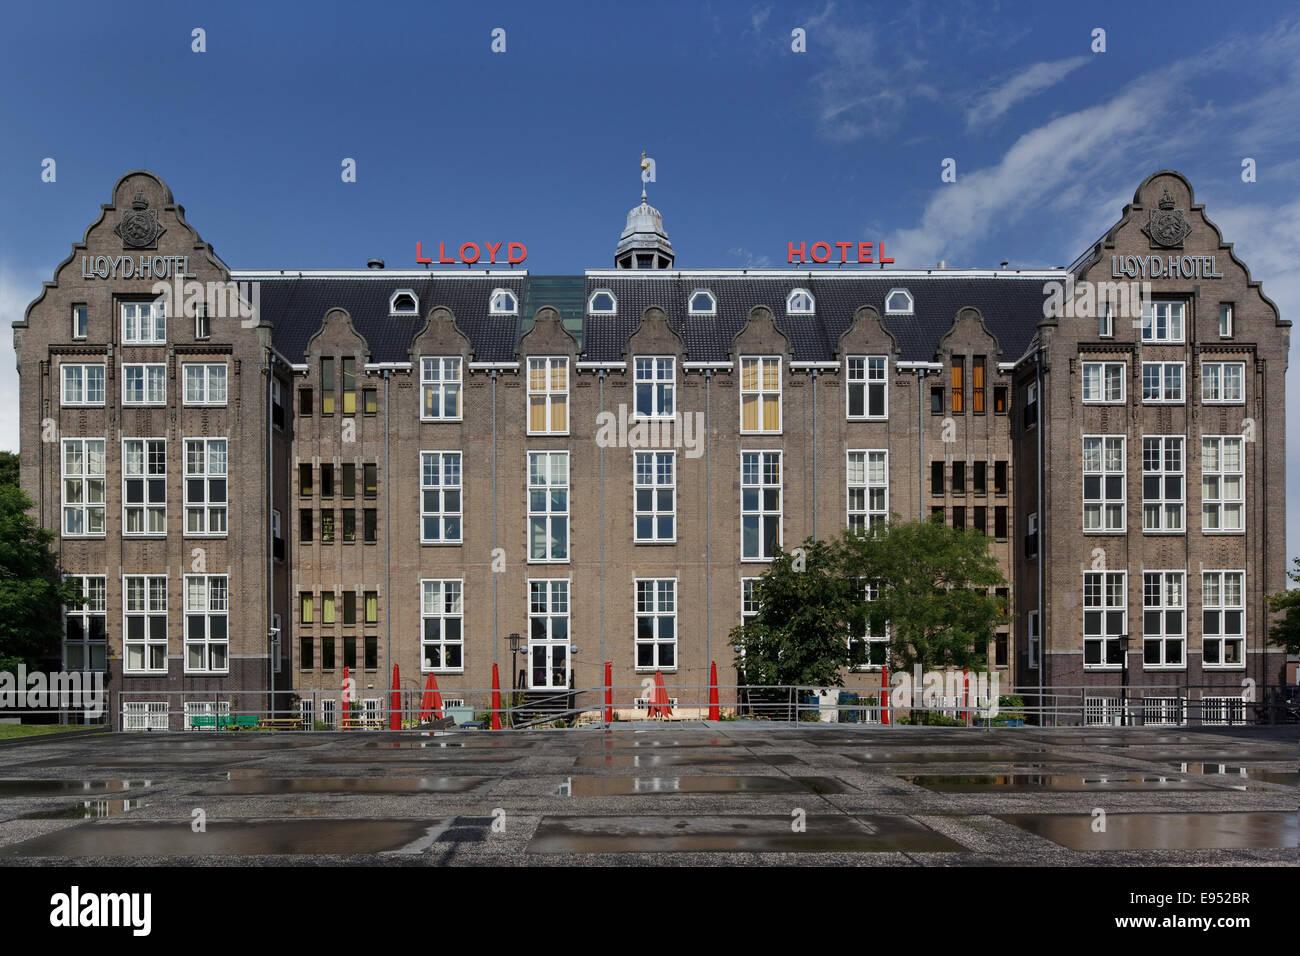 Lloyd Hotel Amsterdam Niederlande Architekt Mvrdv 2004 Main Hohe